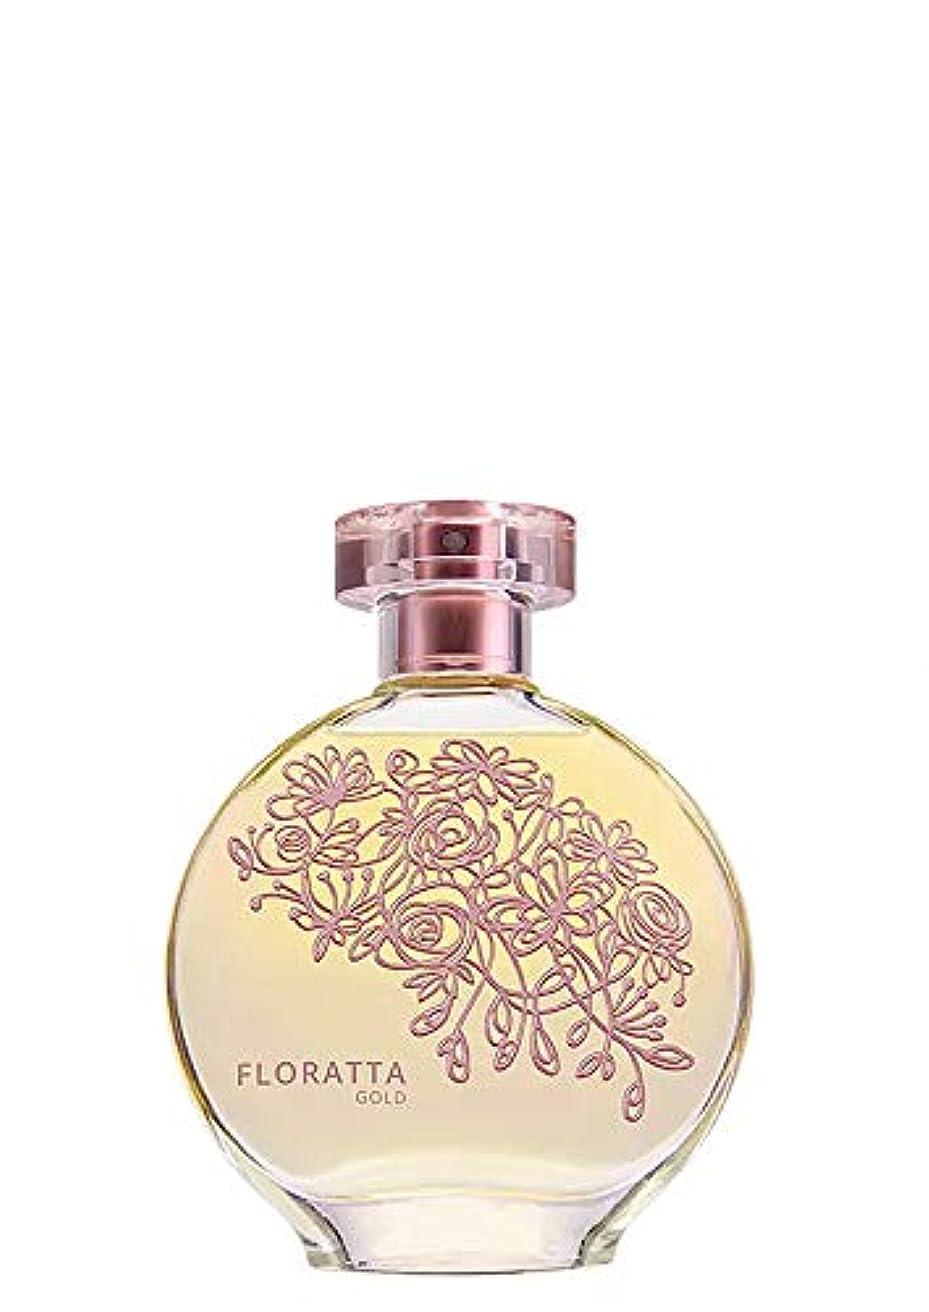 渦薄暗い近代化するオ?ボチカリオ 香水 オードトワレ フロラッタ ゴールド FLORATTA GOLD 女性用 75ML